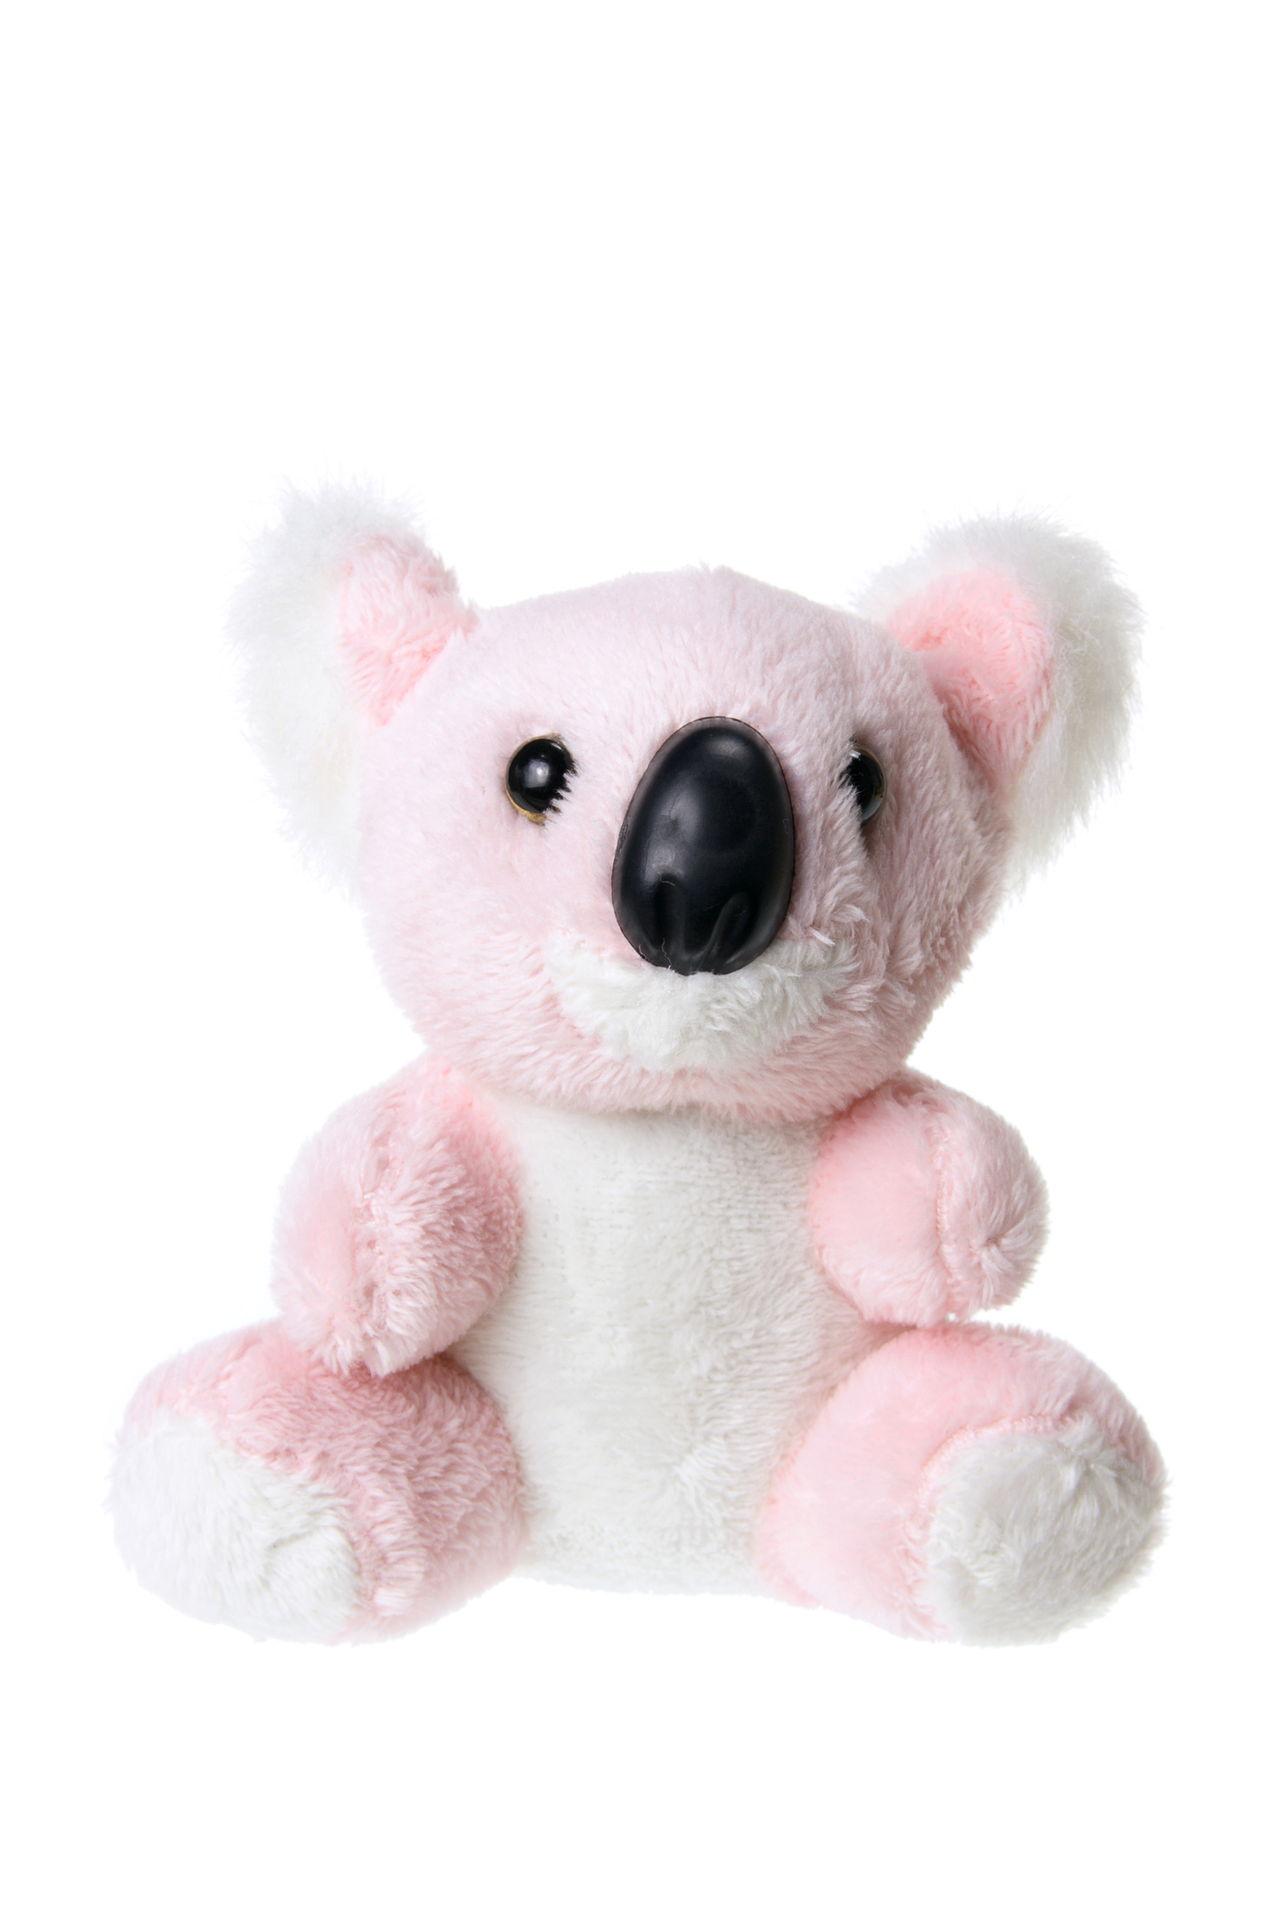 Koala Bears as Pets